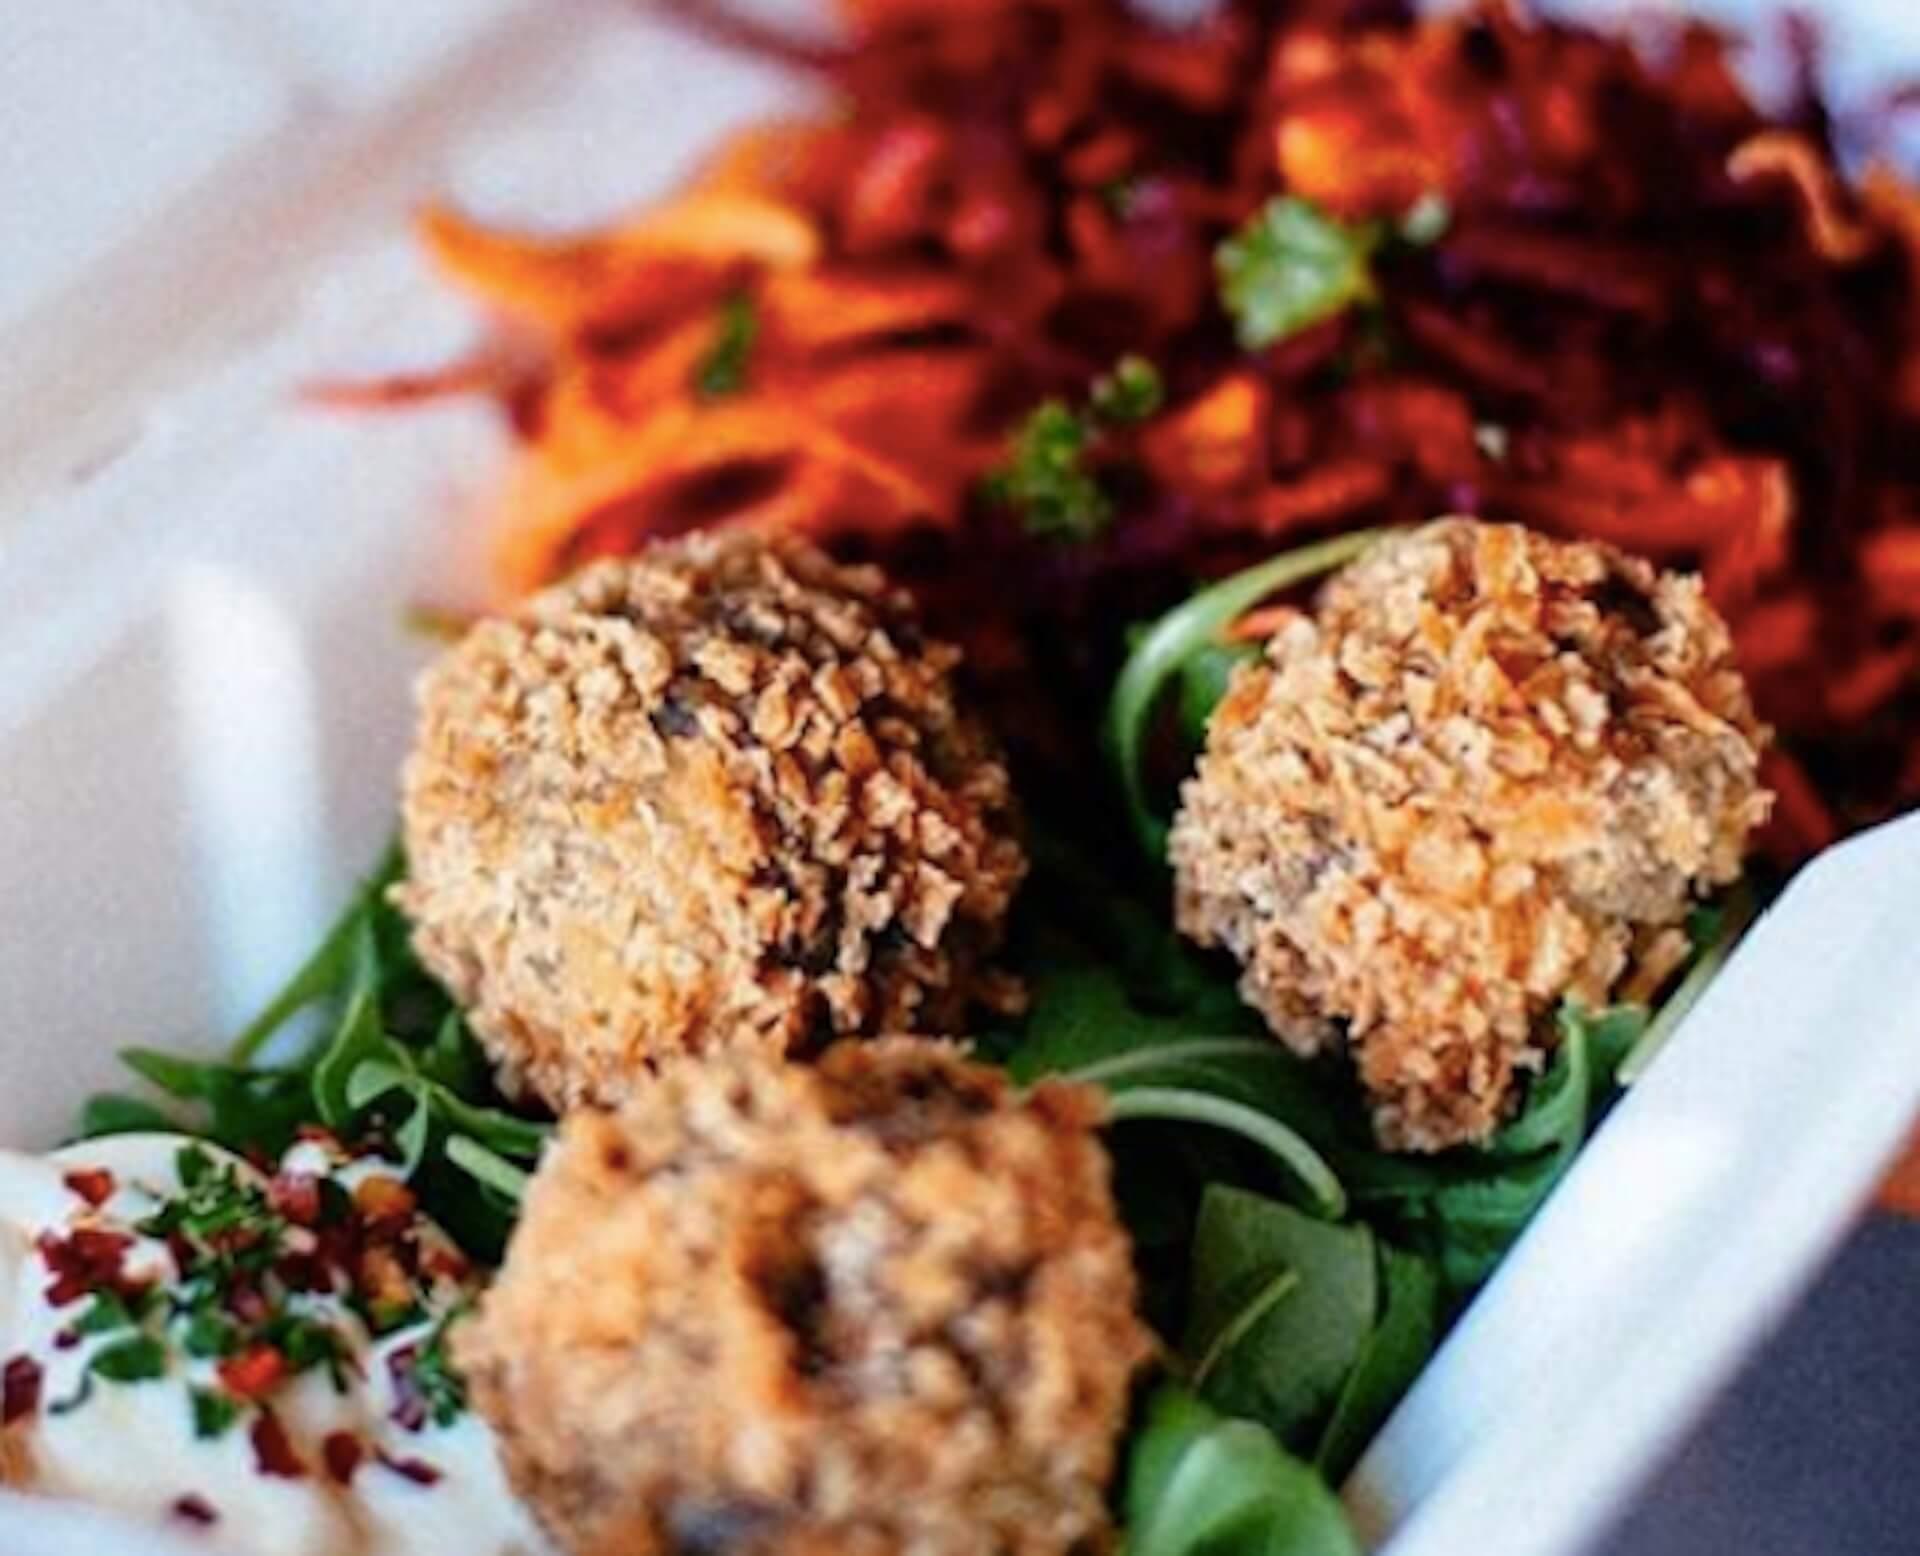 ロンドン発「DEENEY'S」の日本初路面店がオープン!スコットランドの伝統料理ハギスを使用したトースティを販売 gourmet200625_deenys_04